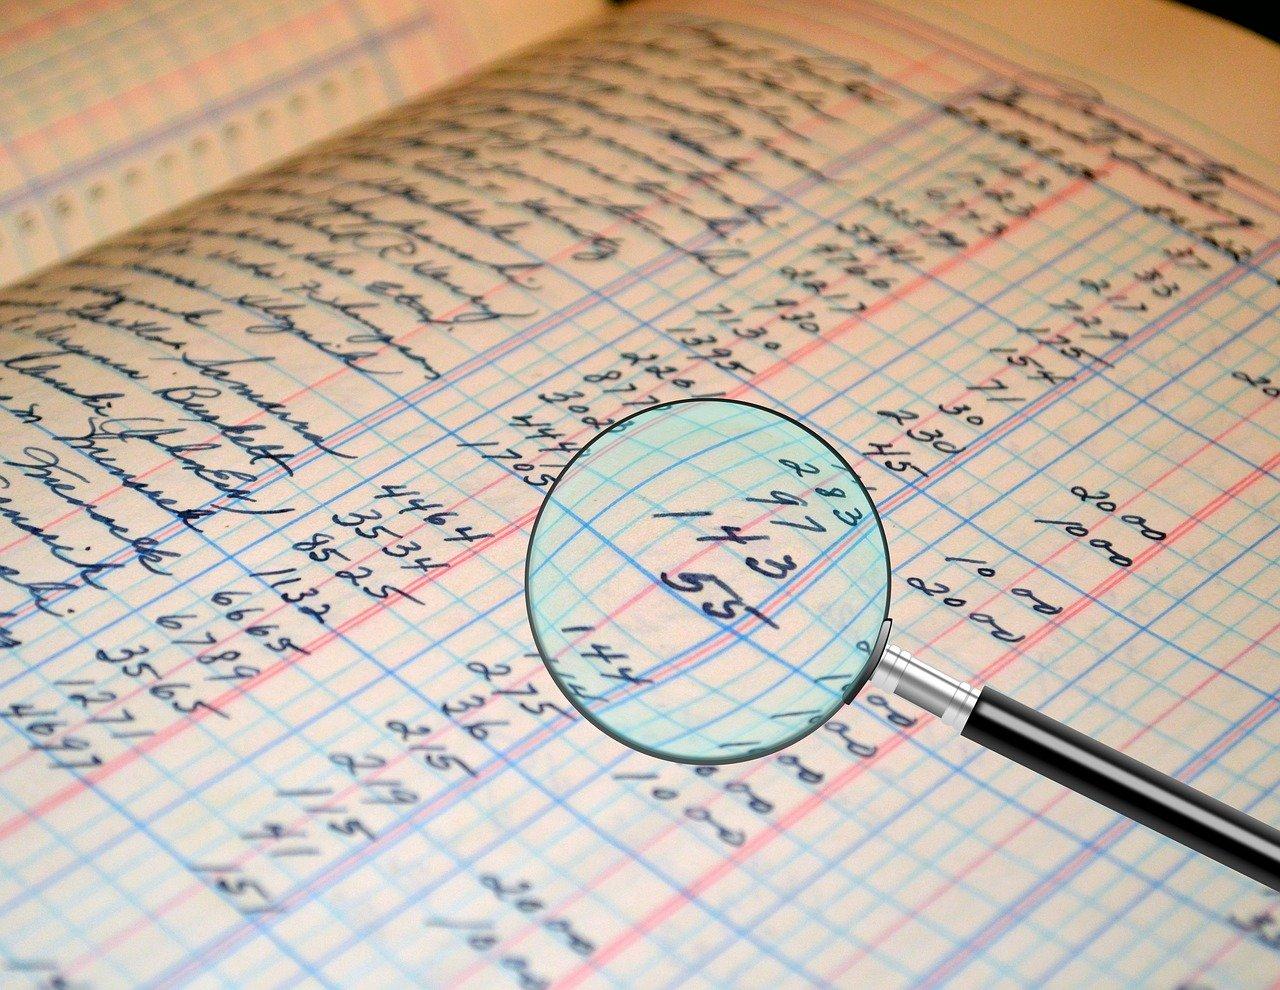 Audit Accounting Ledger Figures  - Tumisu / Pixabay